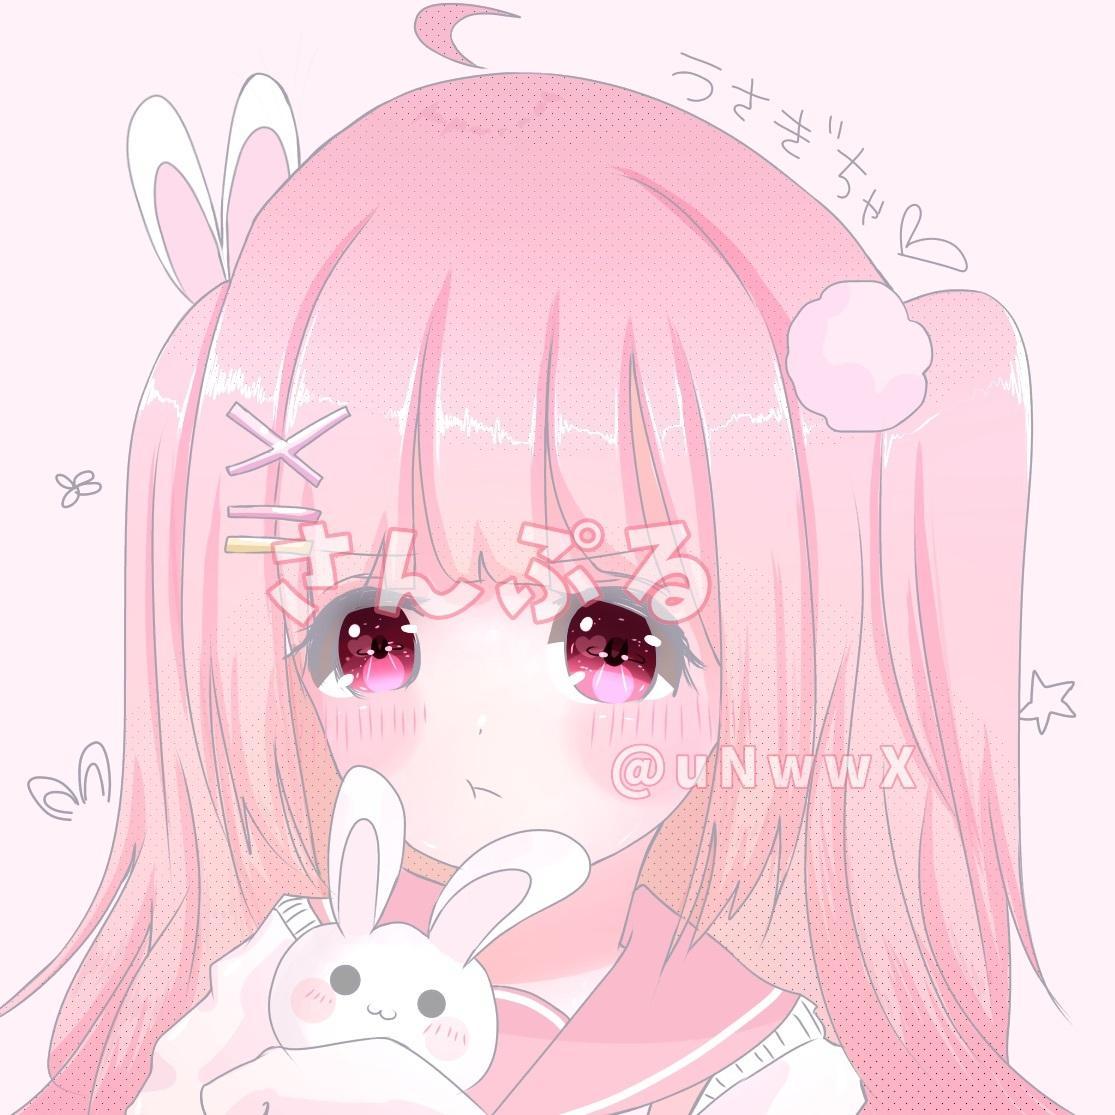 夢かわいいイラスト描きます ピンクやパステルの可愛いイラスト